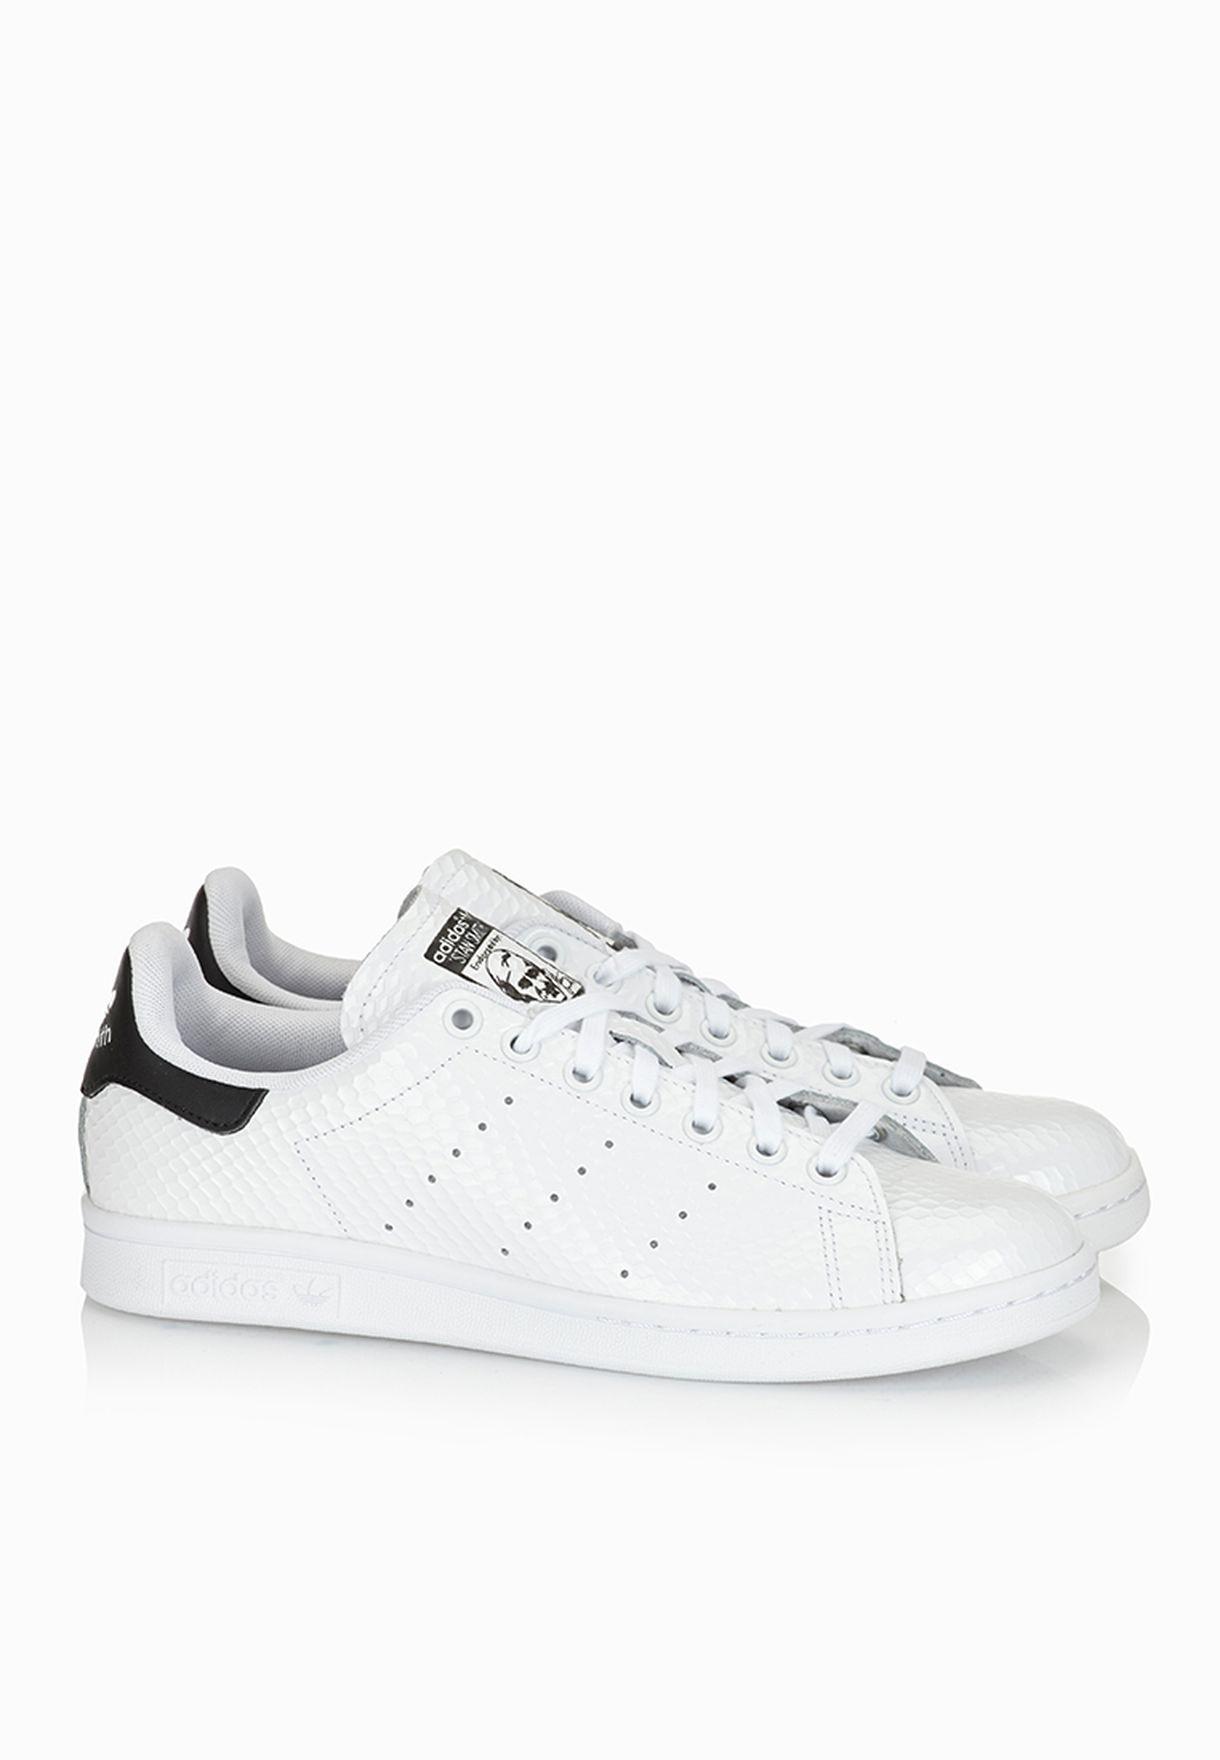 Shop adidas Originals white Stan Smith Sneakers B35442 for Women in Qatar -  AD478SH97XTE d0cbf33e4e